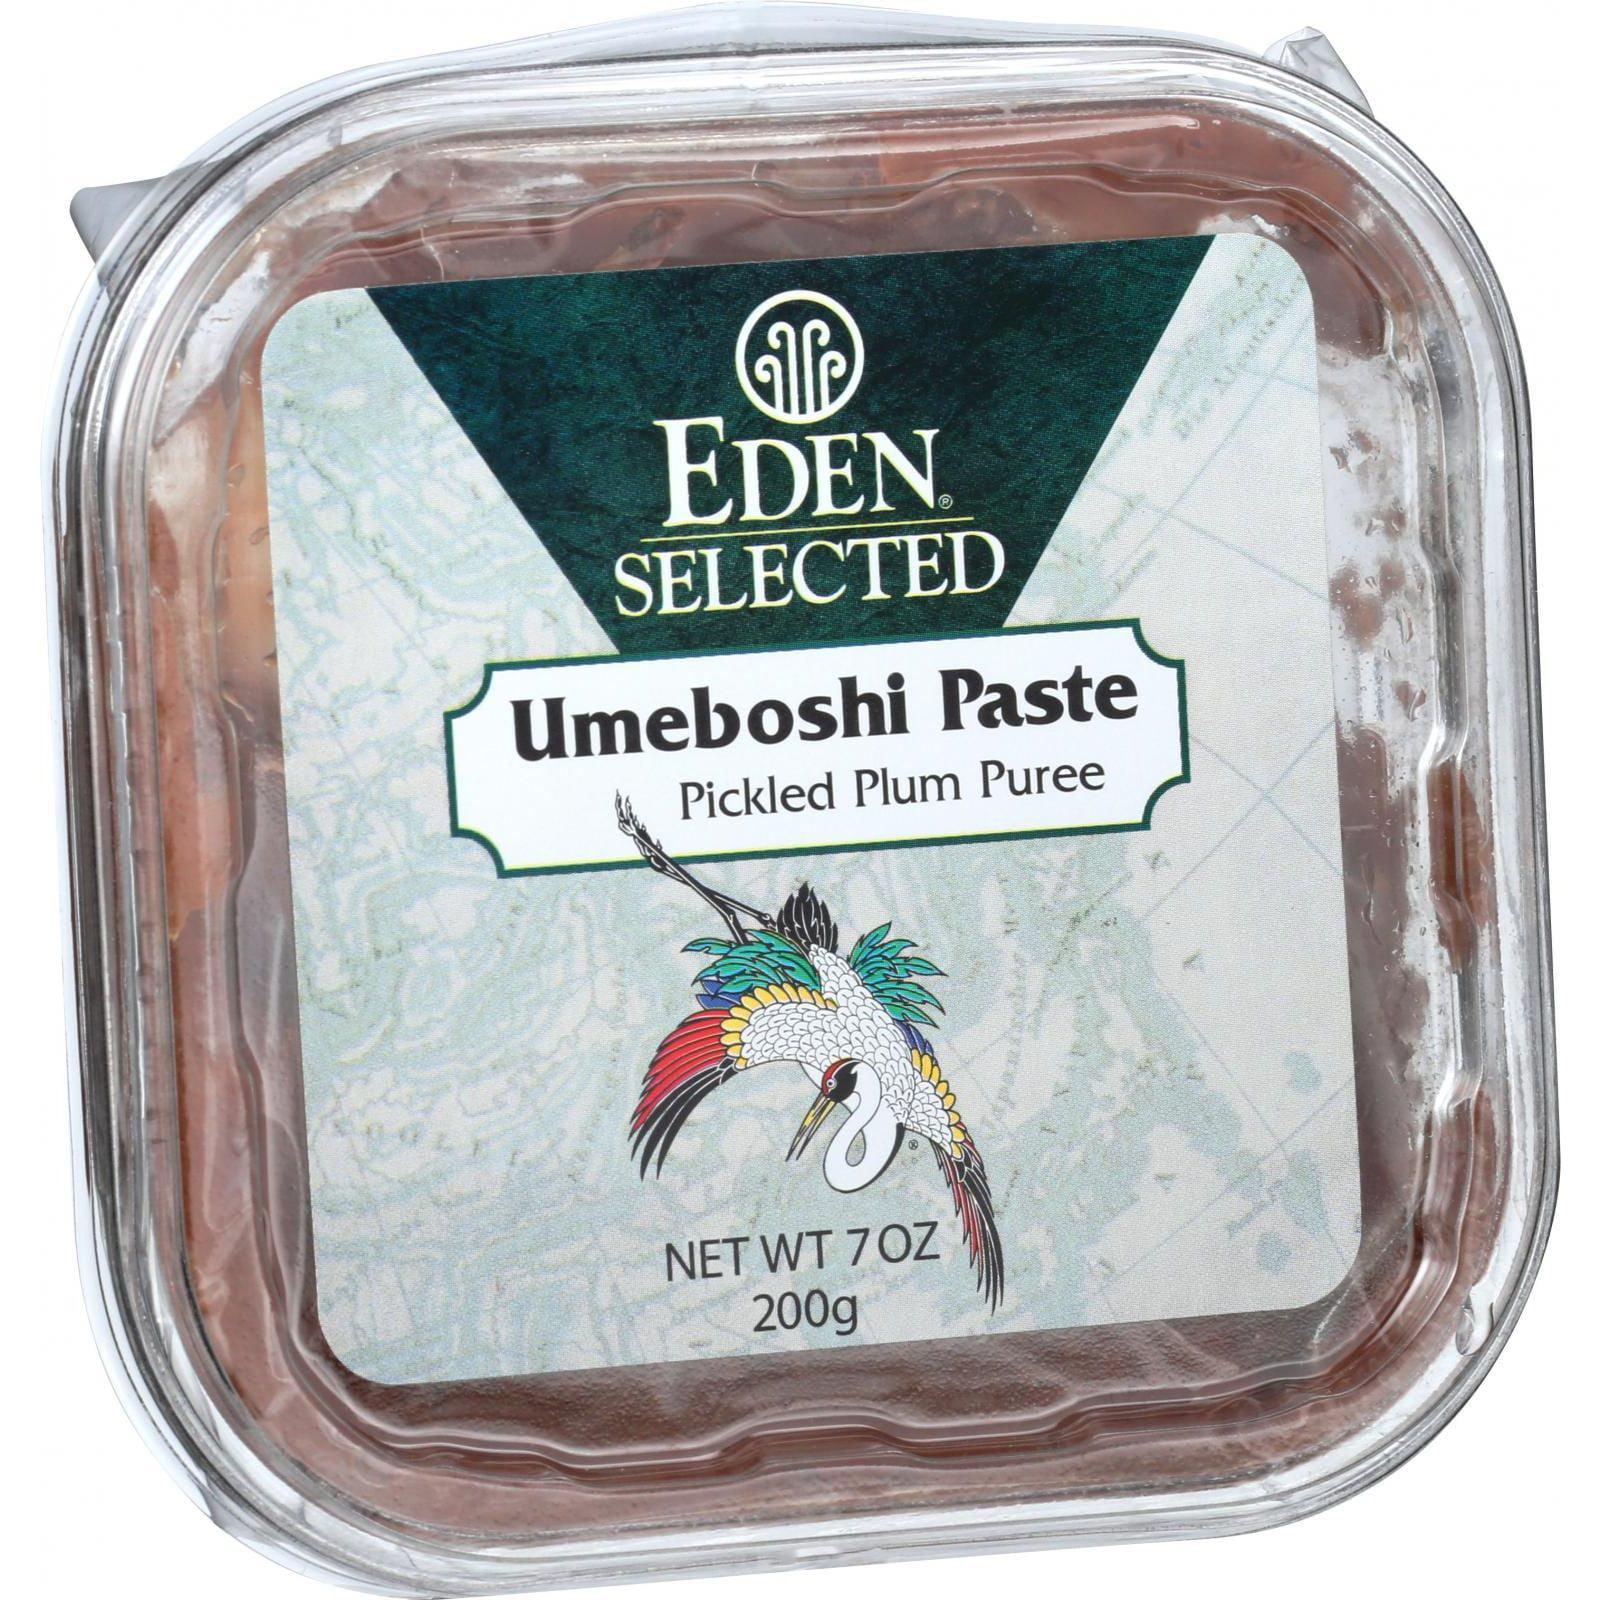 Eden Foods Umeboshi Paste - Pickled Plum Puree - 7.05 oz ...